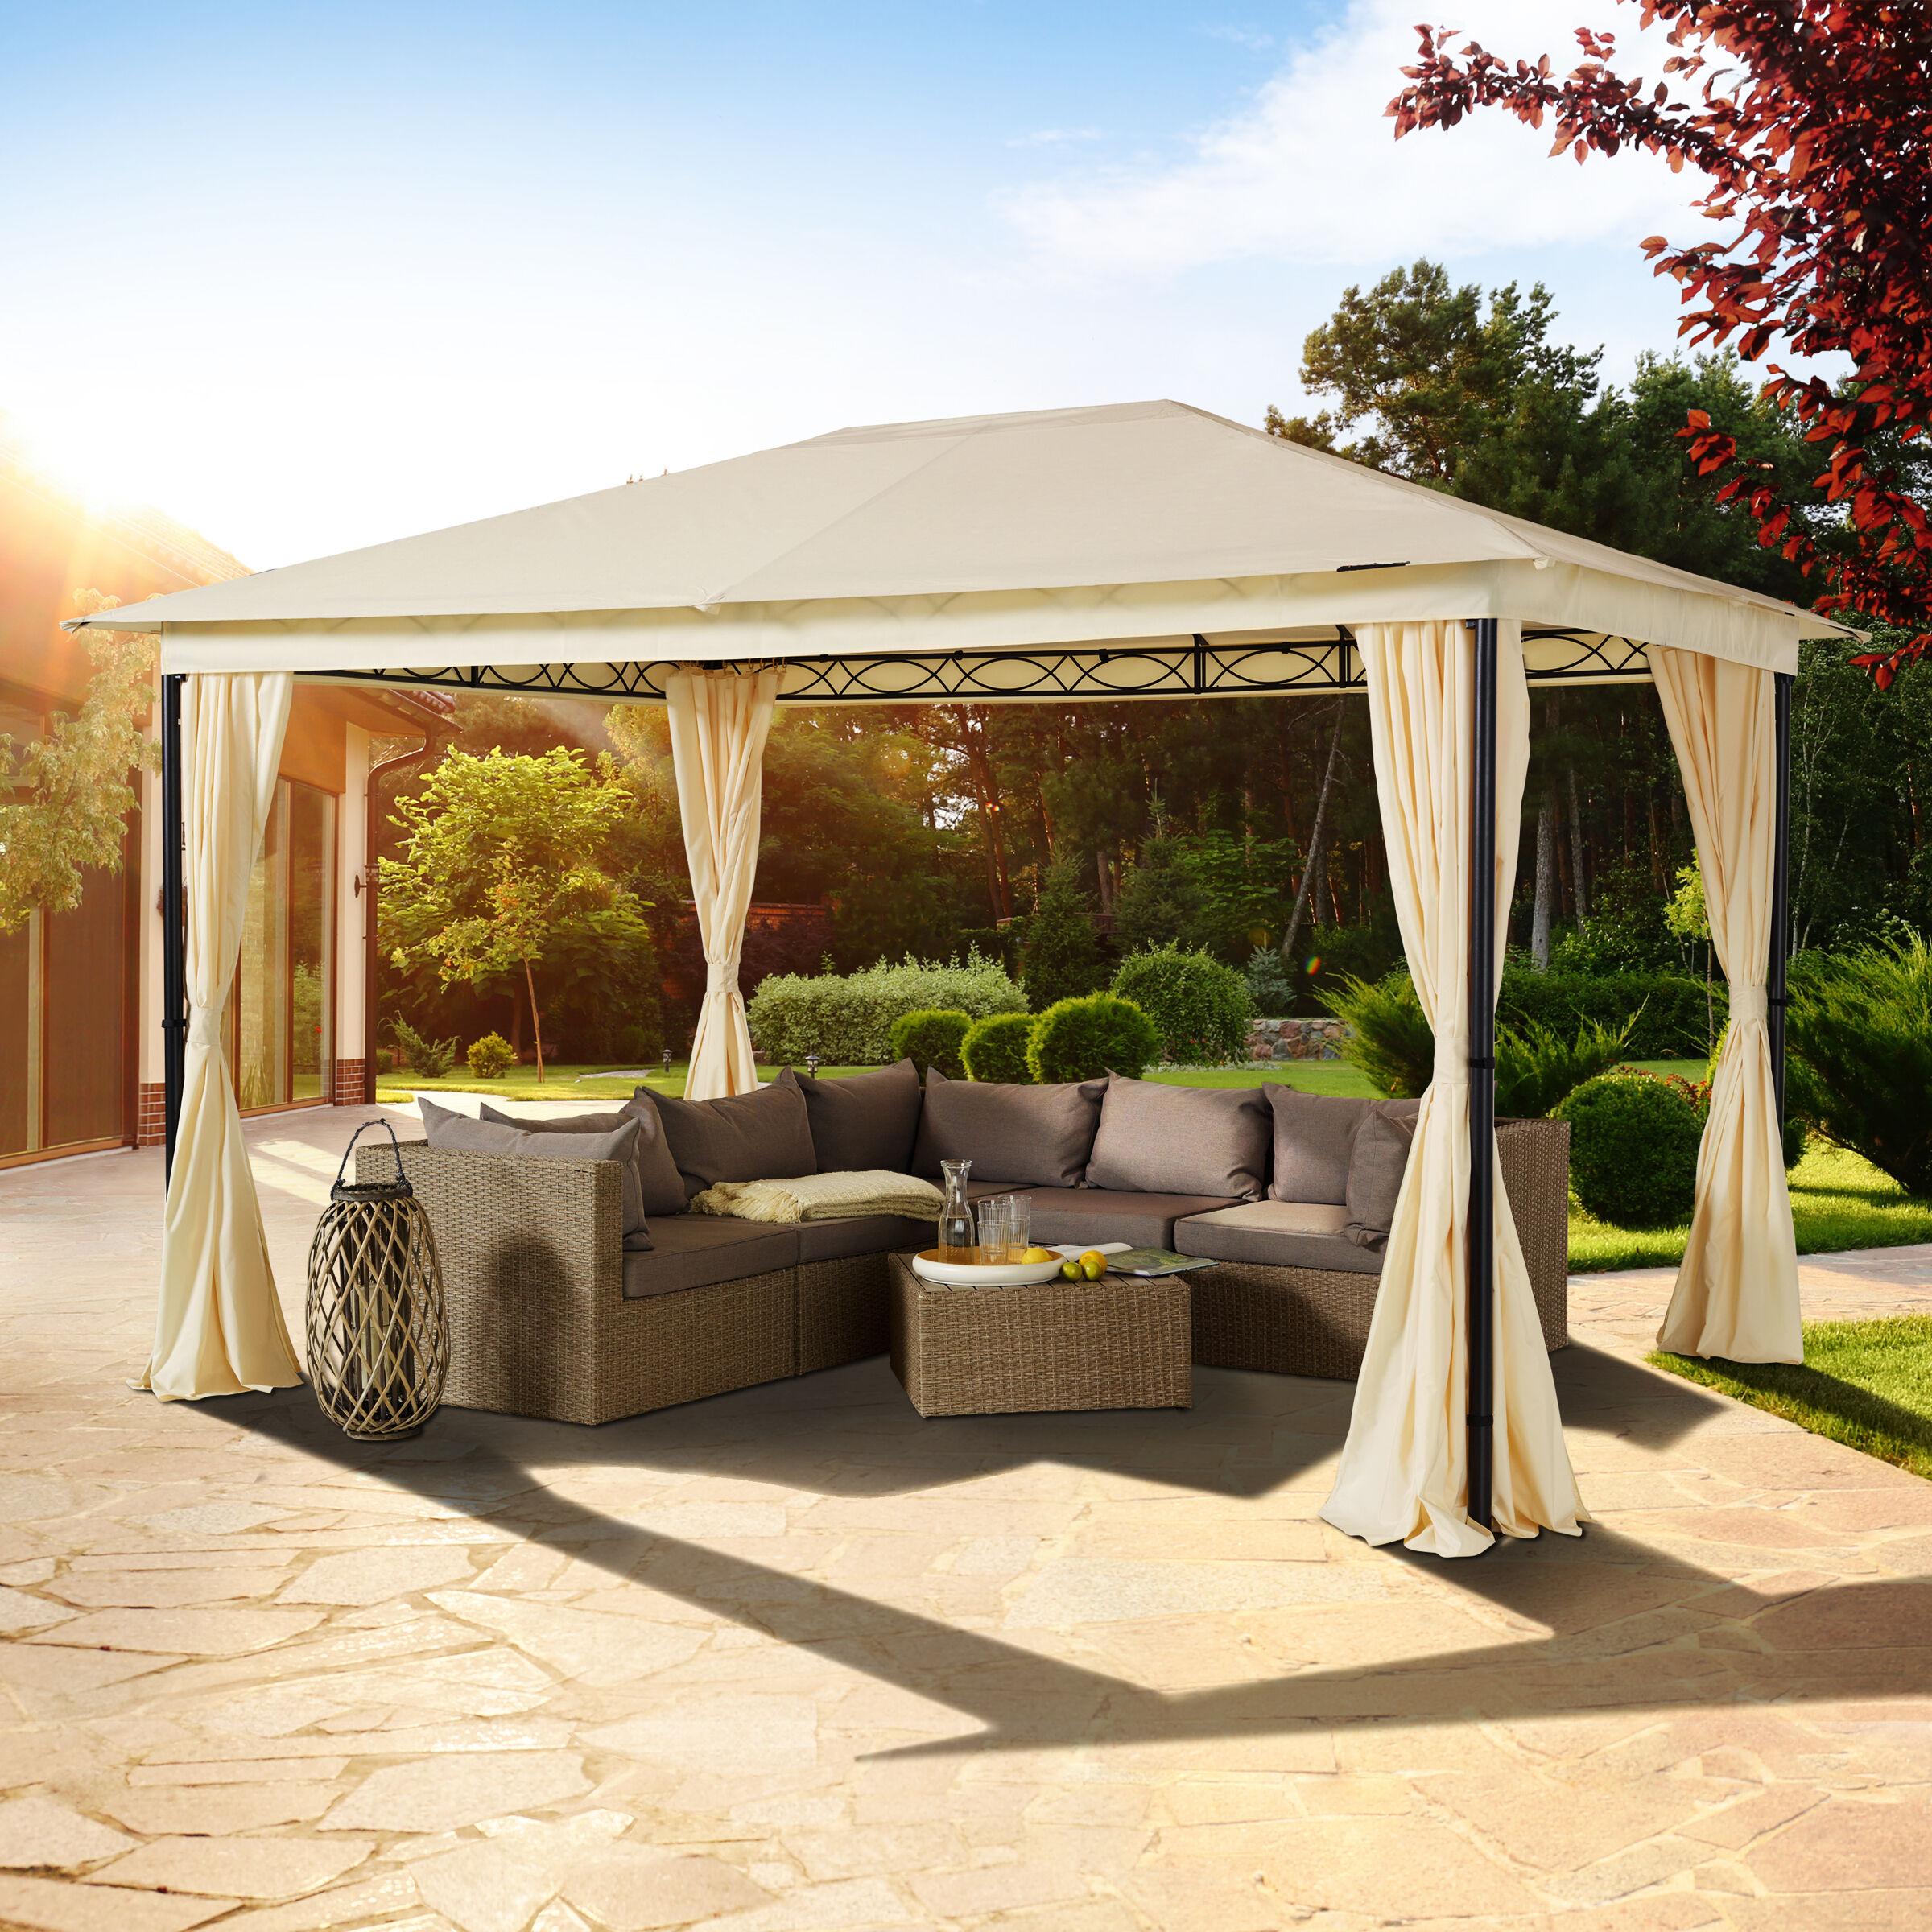 toolport gazebo da giardino 3x4m poliestere con rivestimento in pu 180 g/m² crema impermeabile